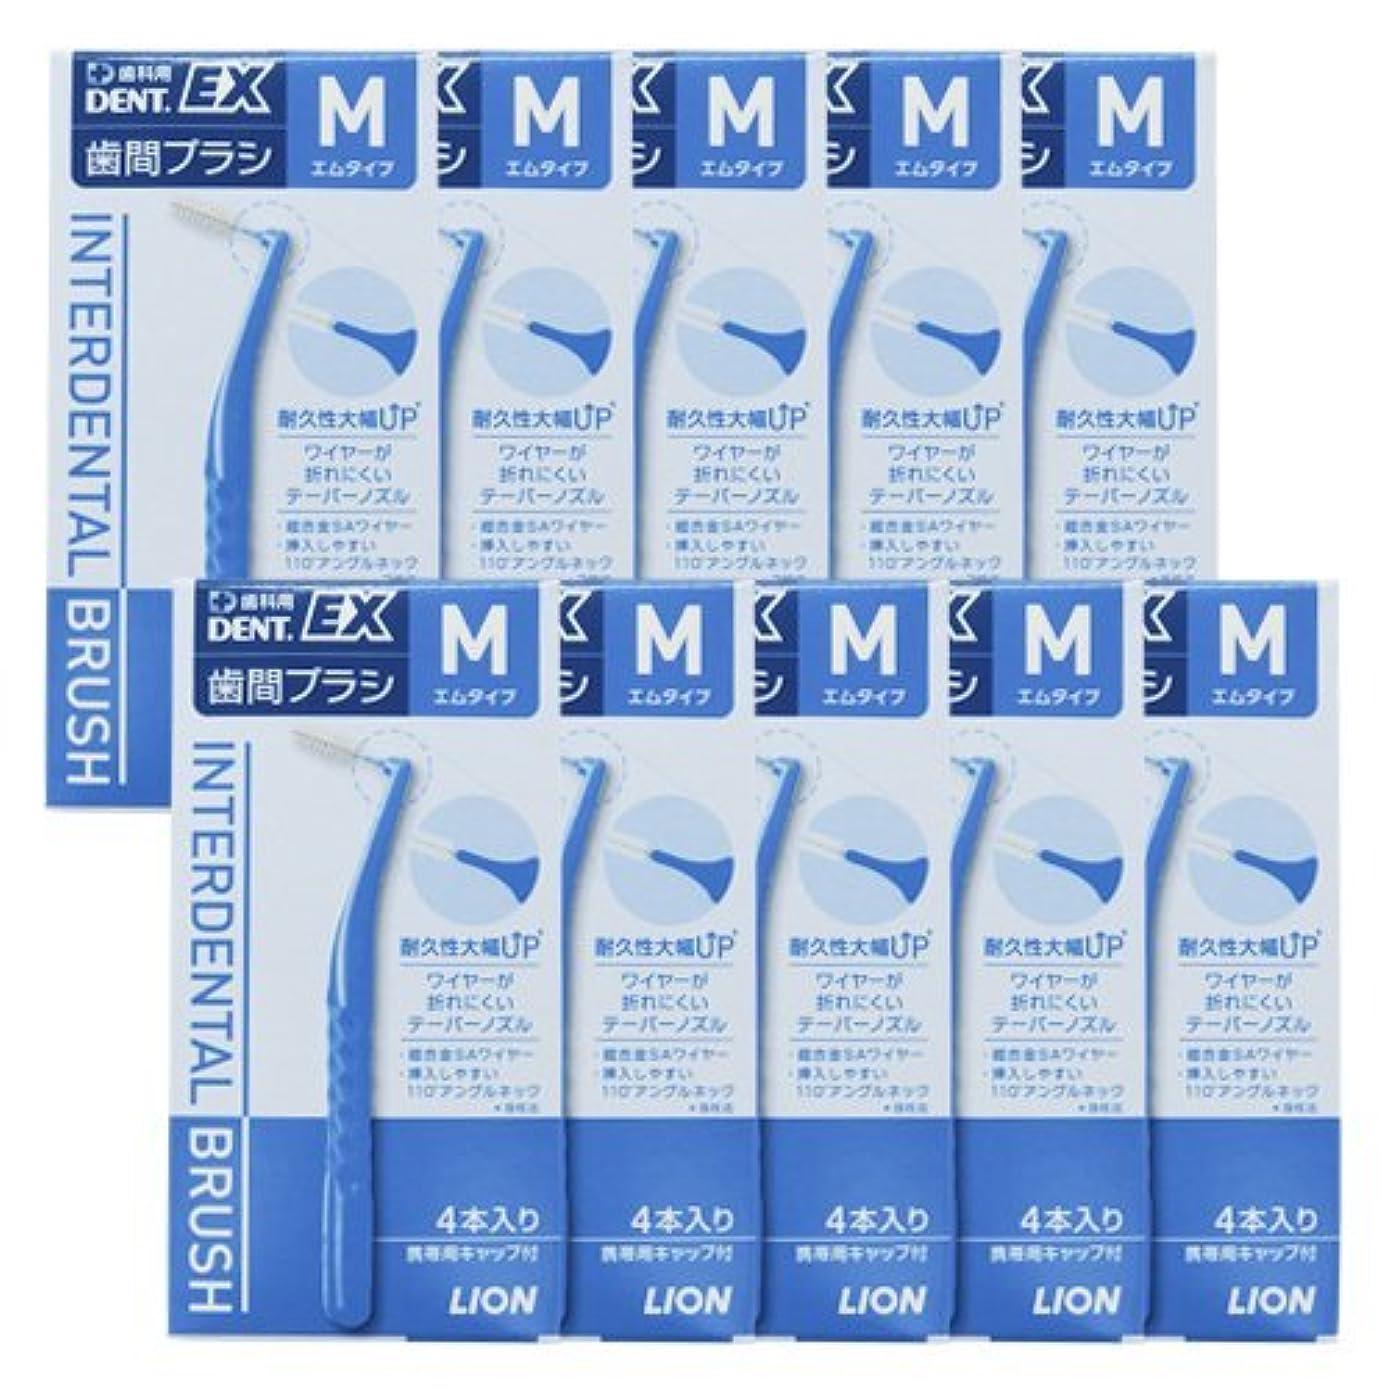 命令的作成者たくさんのライオン(LION) デント EX 歯間ブラシ M (LION DENT. EX 歯間ブラシ) 10箱 40本セット